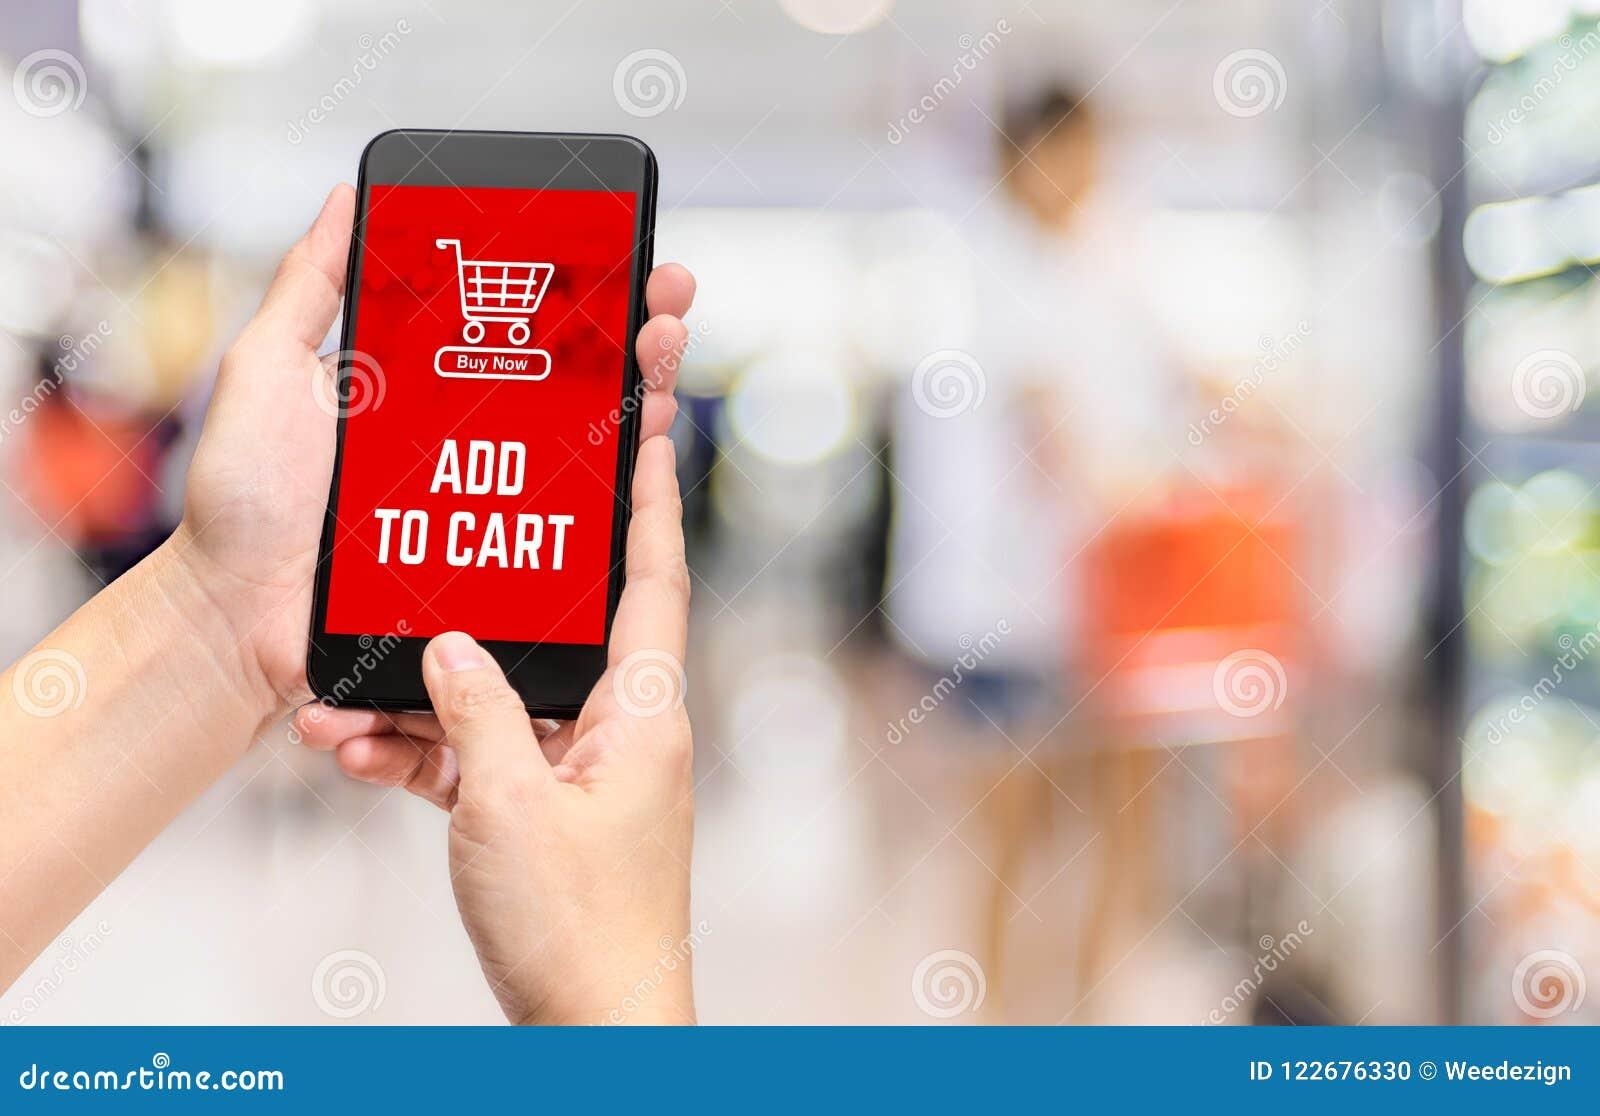 Вручите держать чернь добавьте к продукту тележки для того чтобы купить онлайн с